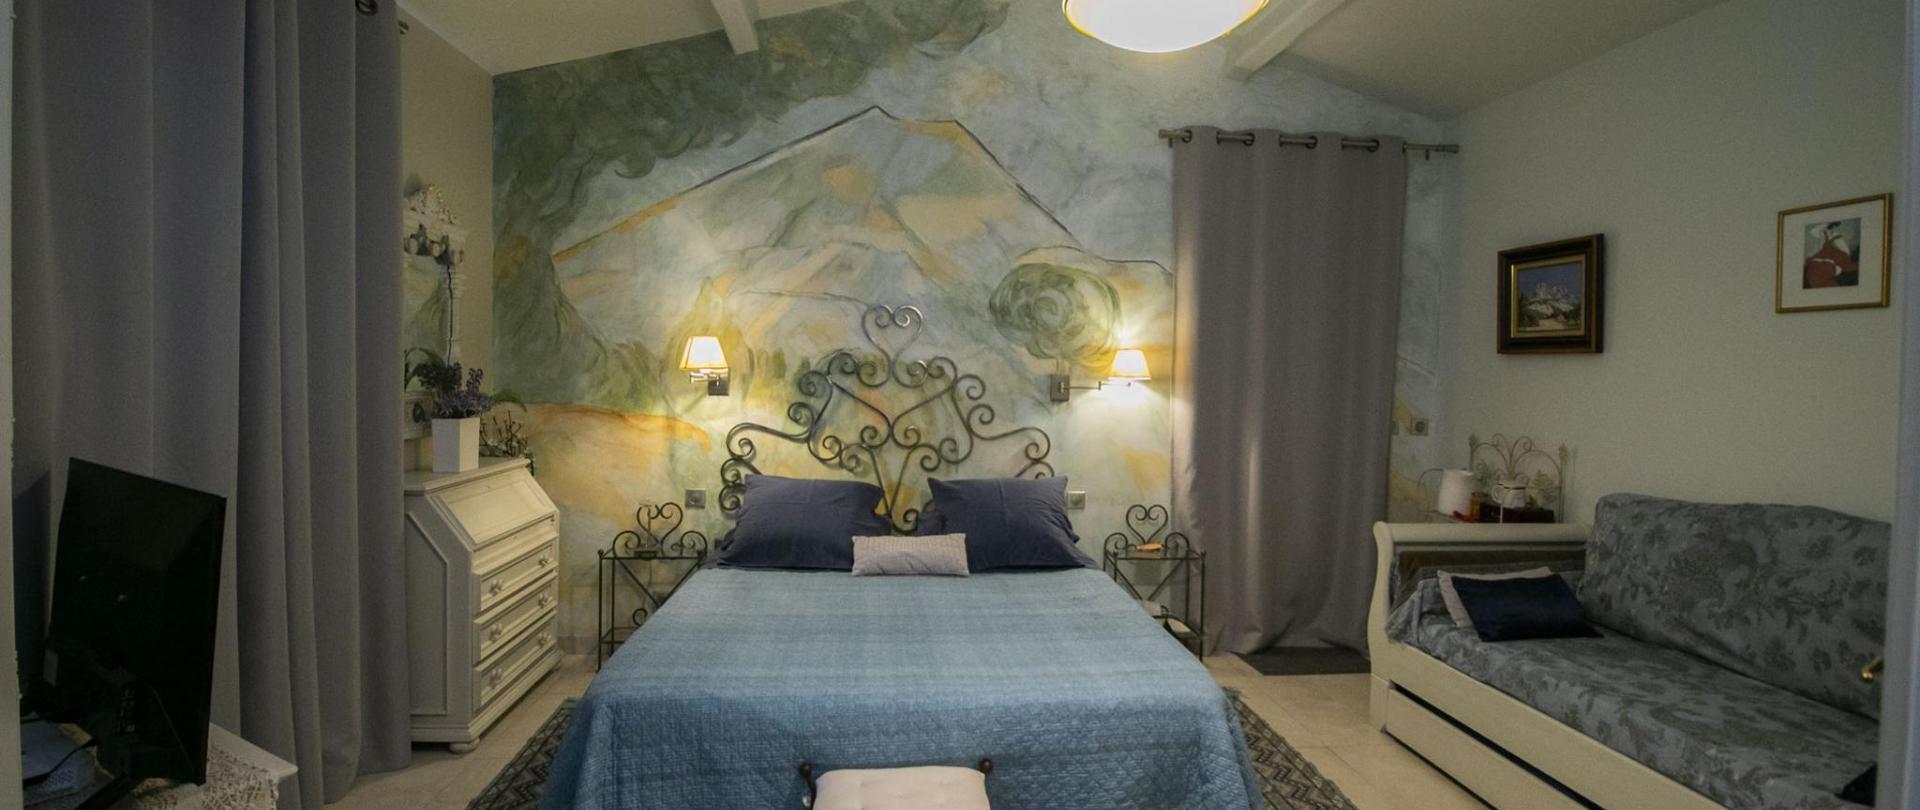 Chambre Cezanne rideaux occultants dernière photo.jpg